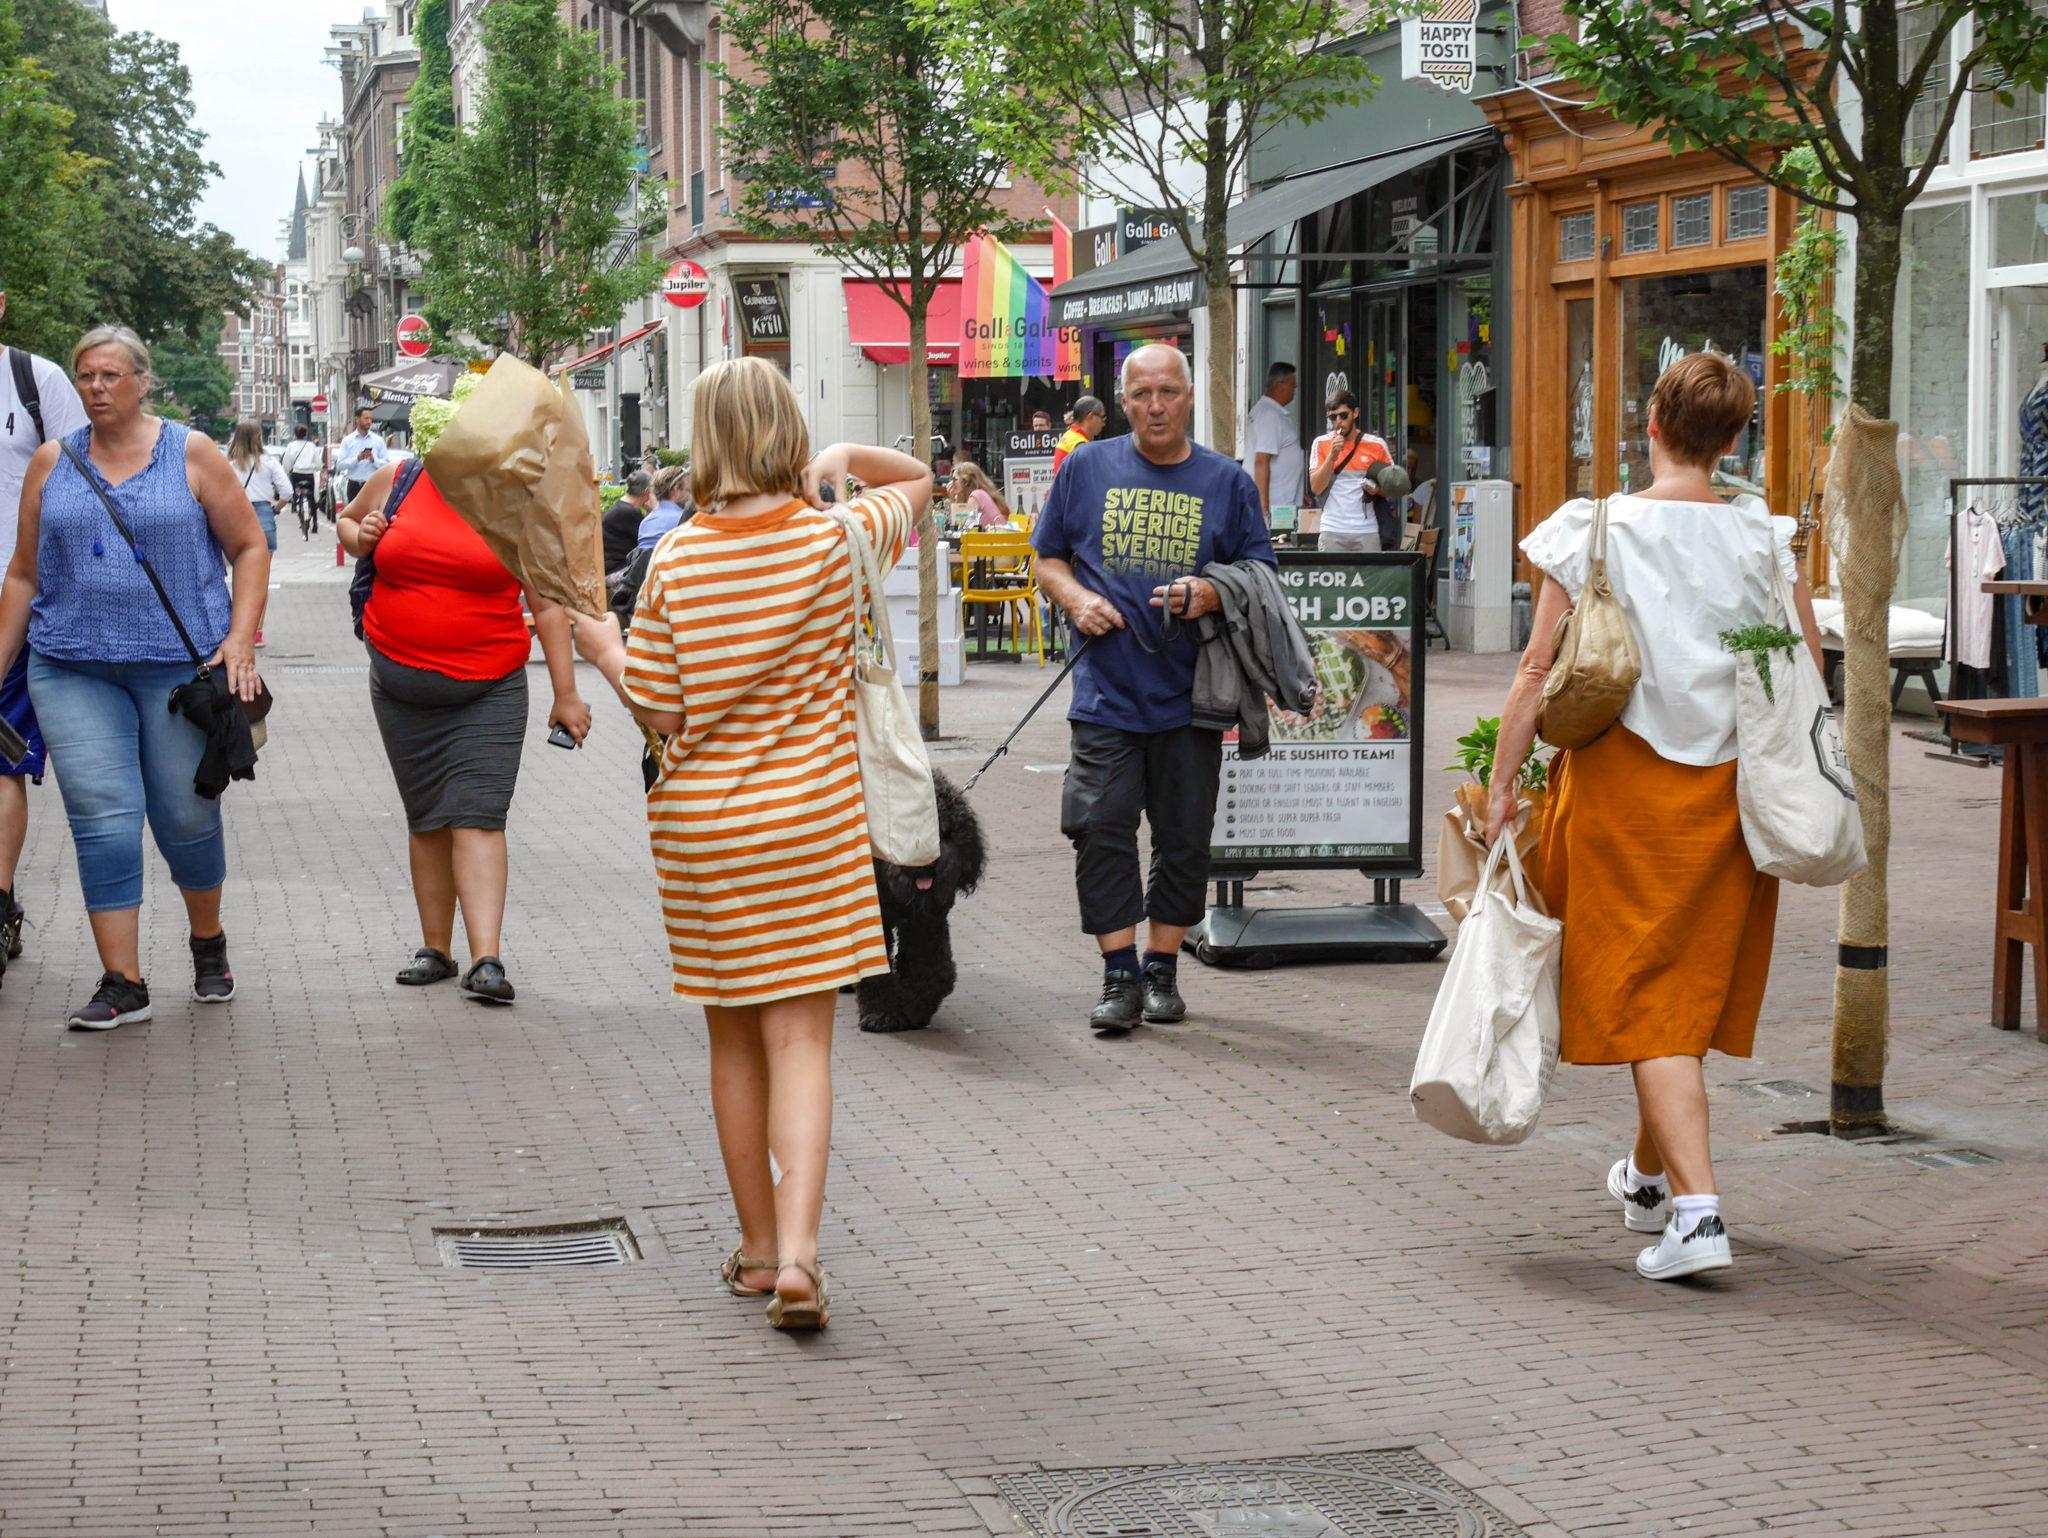 la-petite-planete-de-zoey-amsterdam-15